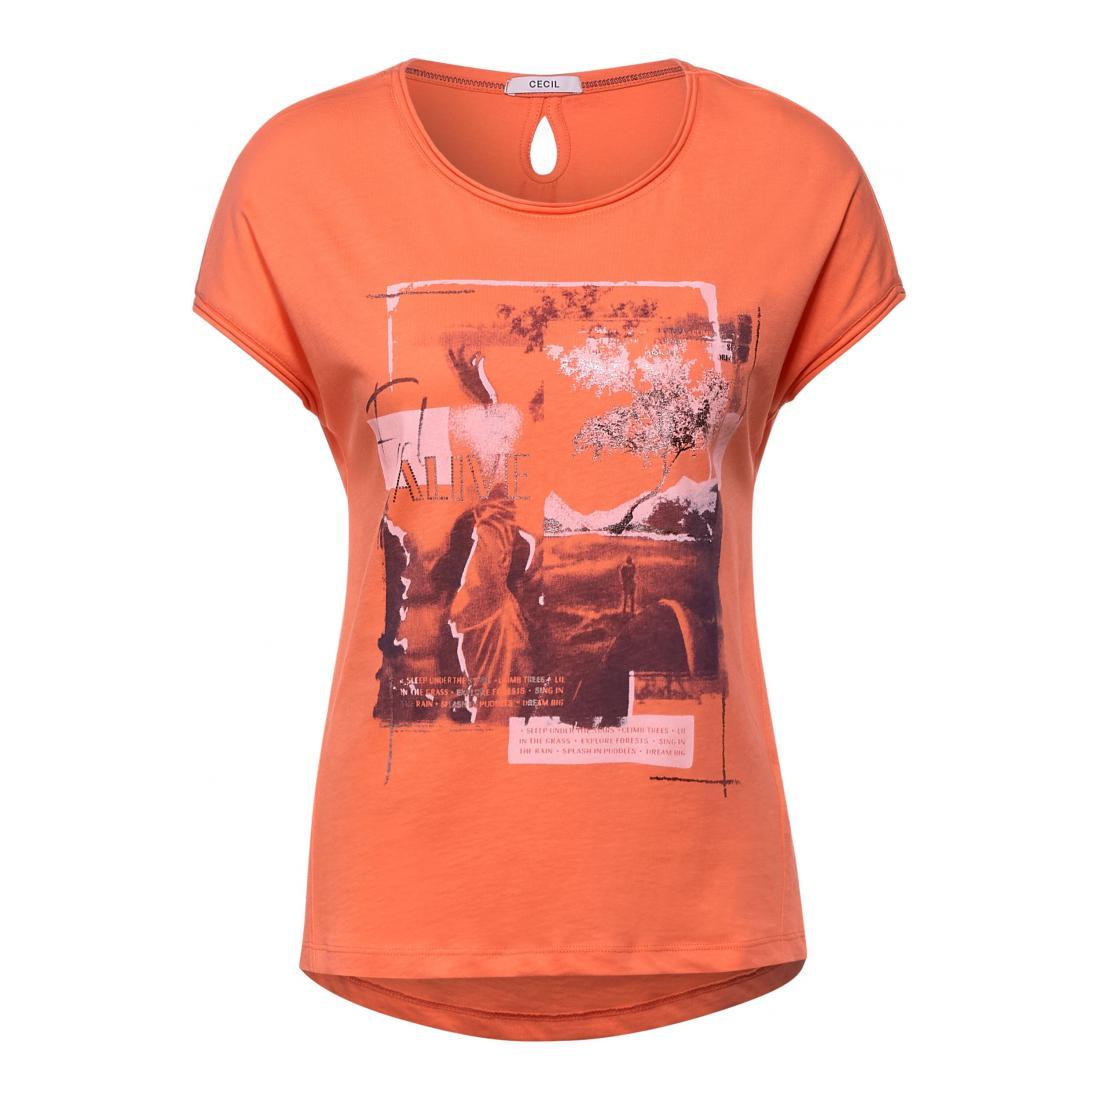 Cecil T-Shirt Damen Alive FP Shape